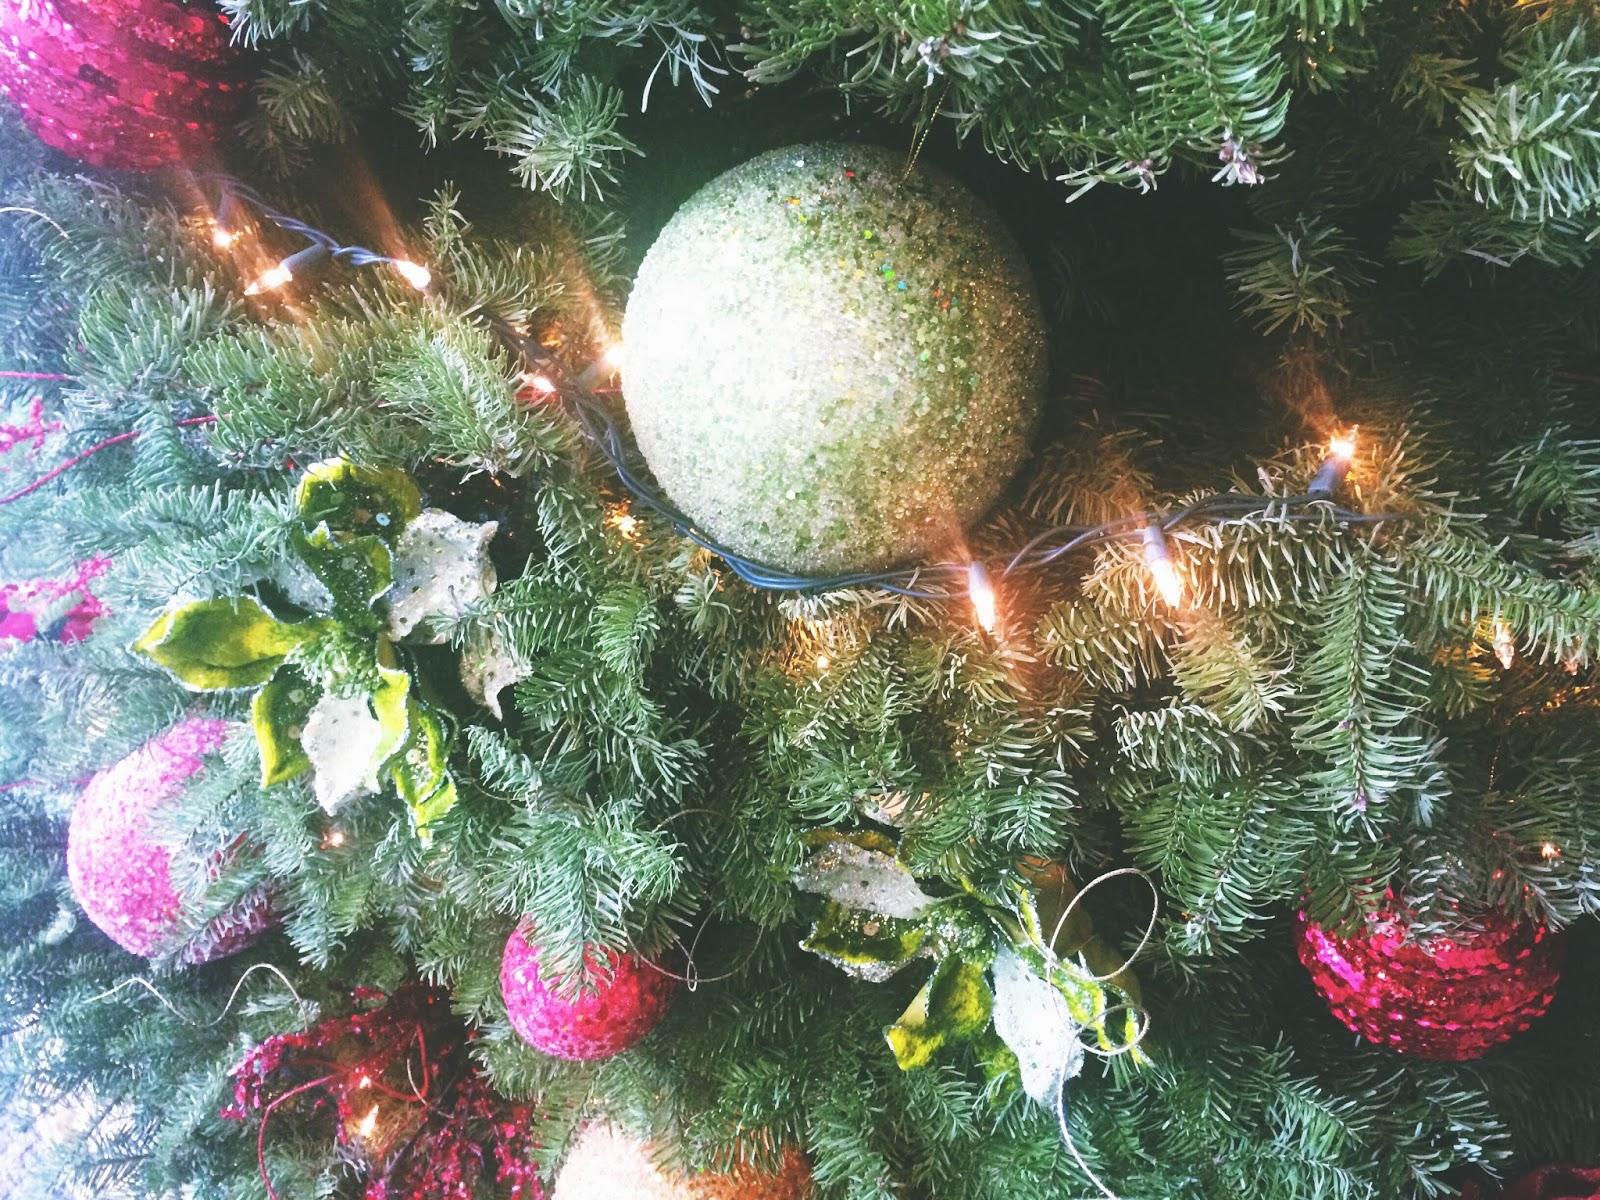 holiday festivities